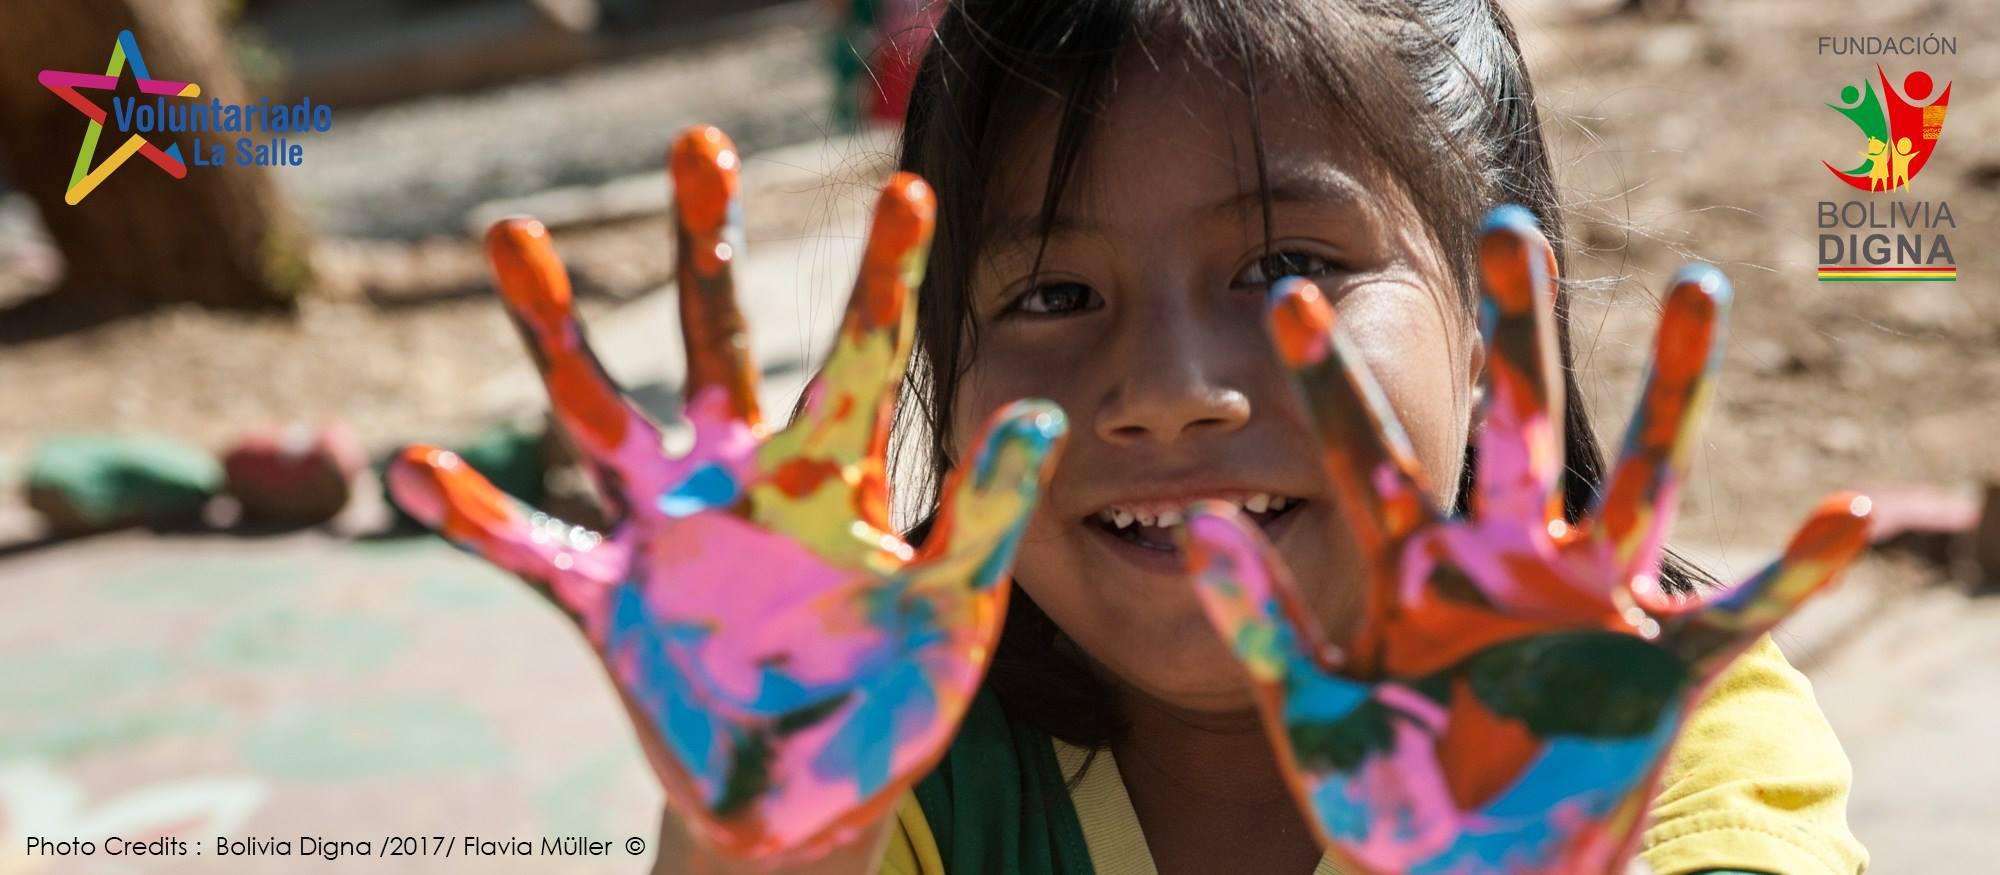 volunteer project: Participer à l'éducation et à l'animation photo 1